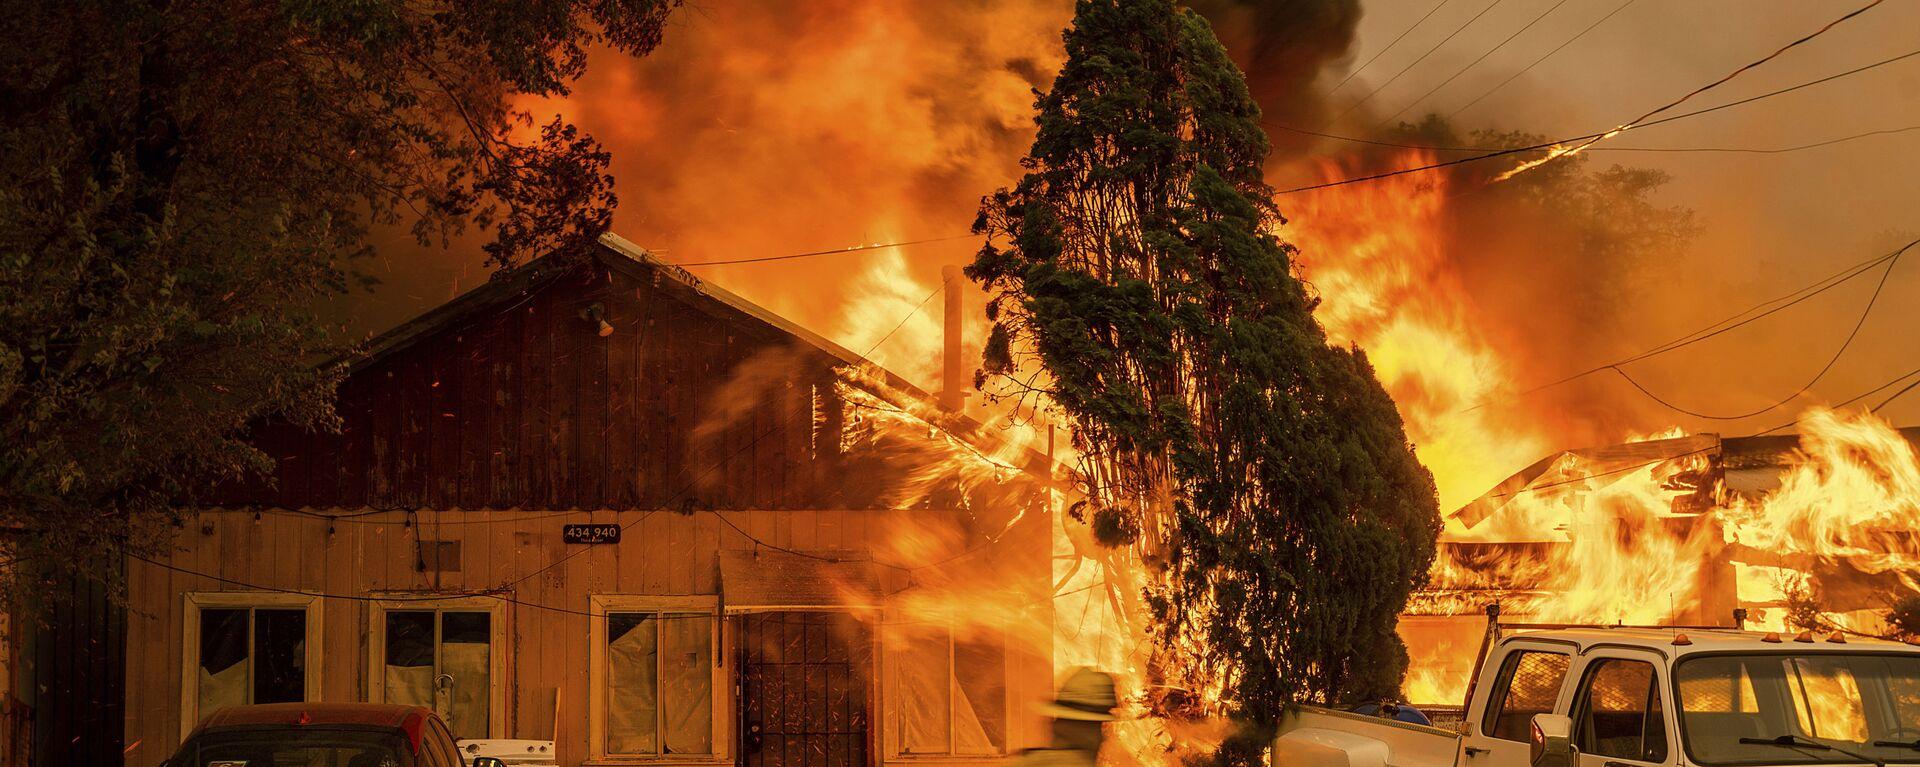 Огонь поглощает дом в штате Калифорния - Sputnik Česká republika, 1920, 18.07.2021